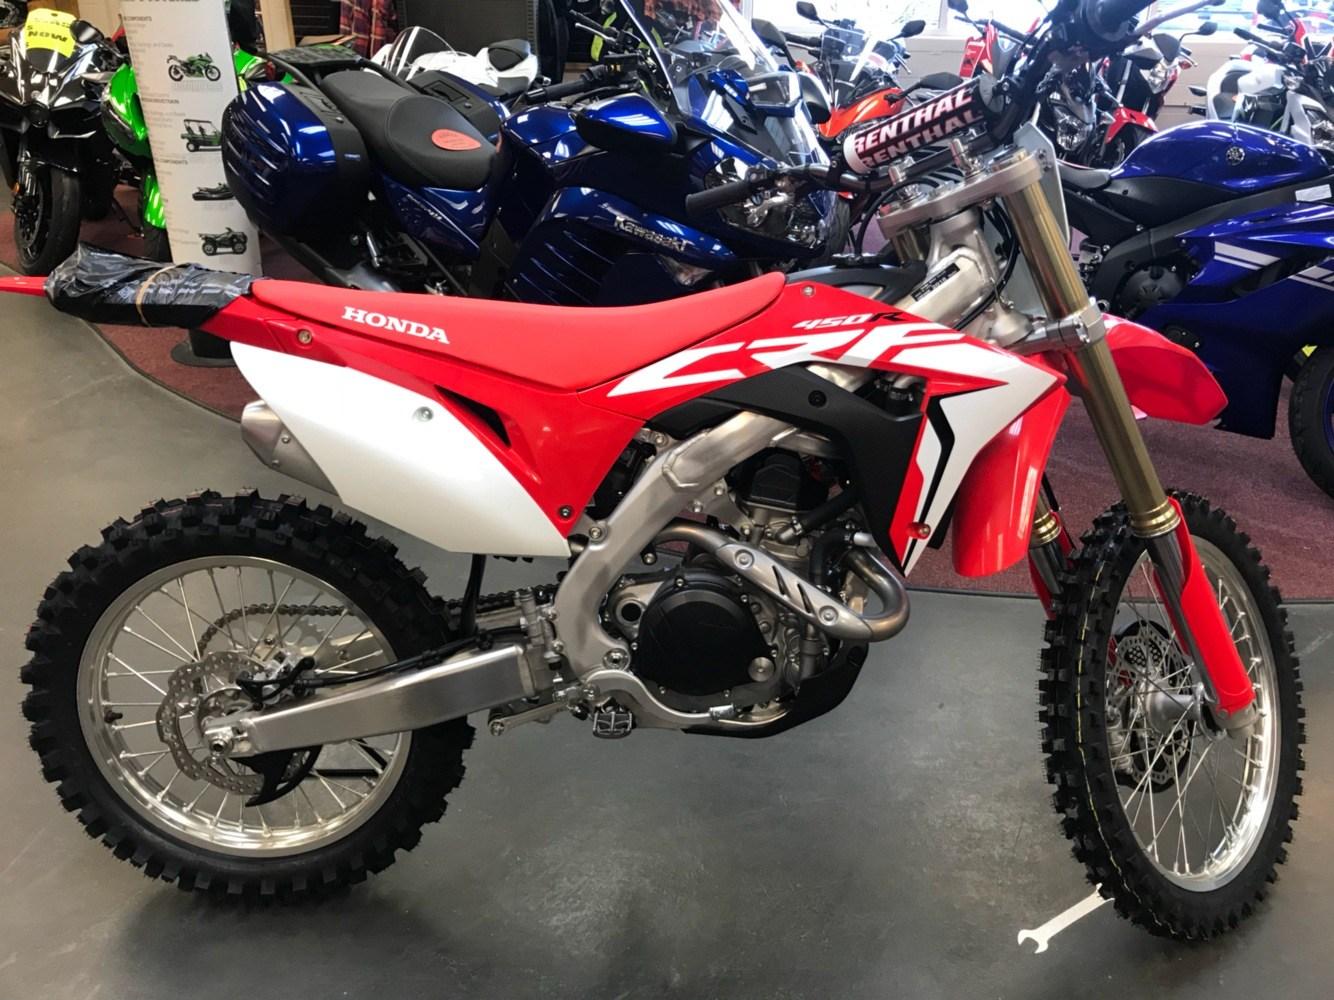 2018 Honda Crf450r Motorcycles Petersburg West Virginia